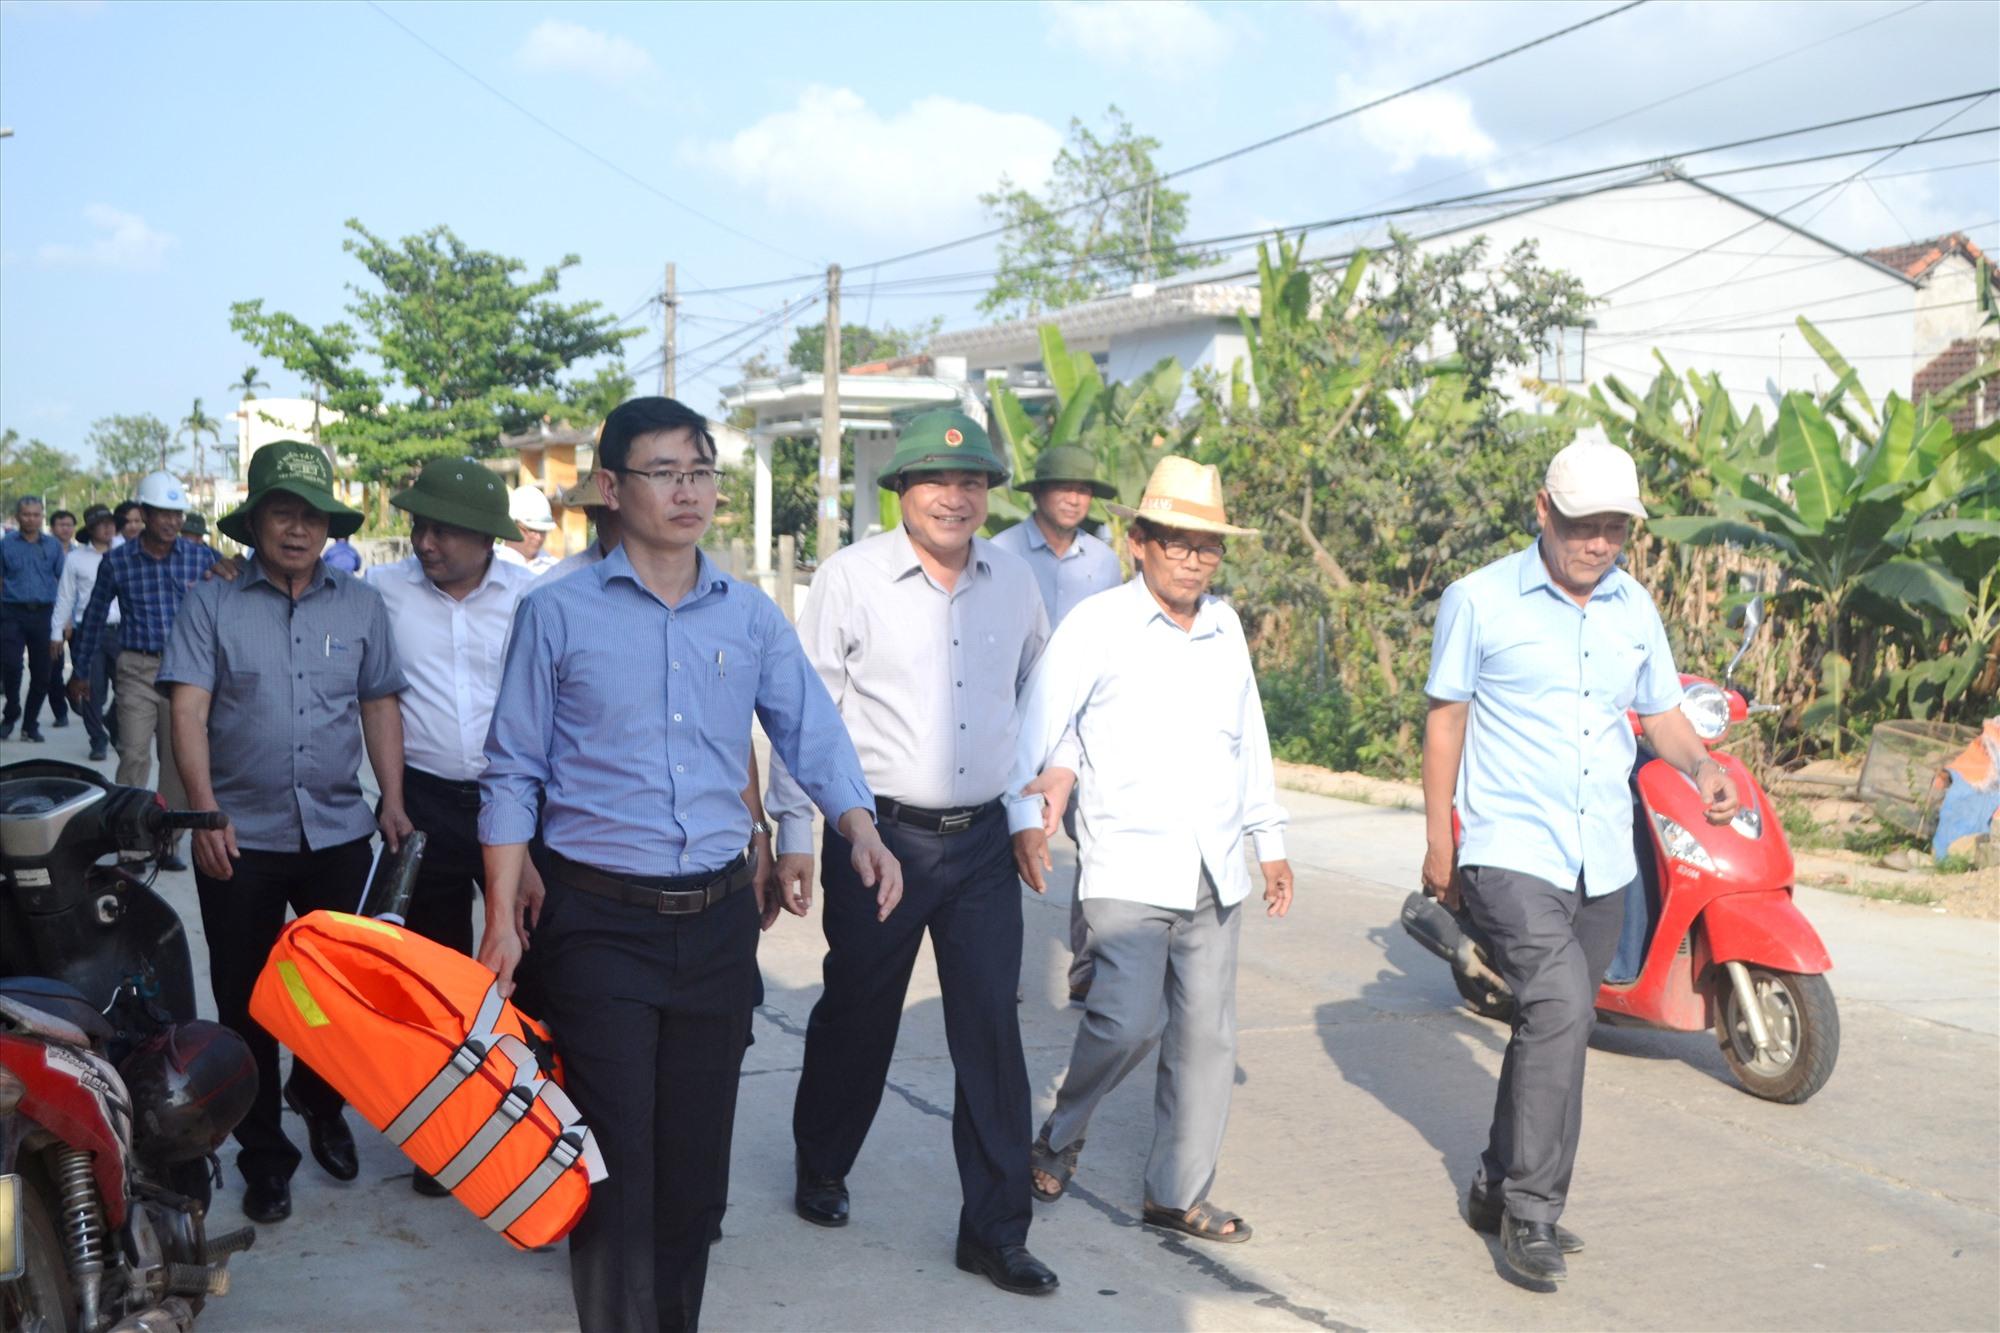 Bí thư Tỉnh ủy Phan Việt Cường đi cùng với một cán bộ lão thành cách mạng sinh sống tại xã Duy Tân (Duy Xuyên). Ảnh: CT